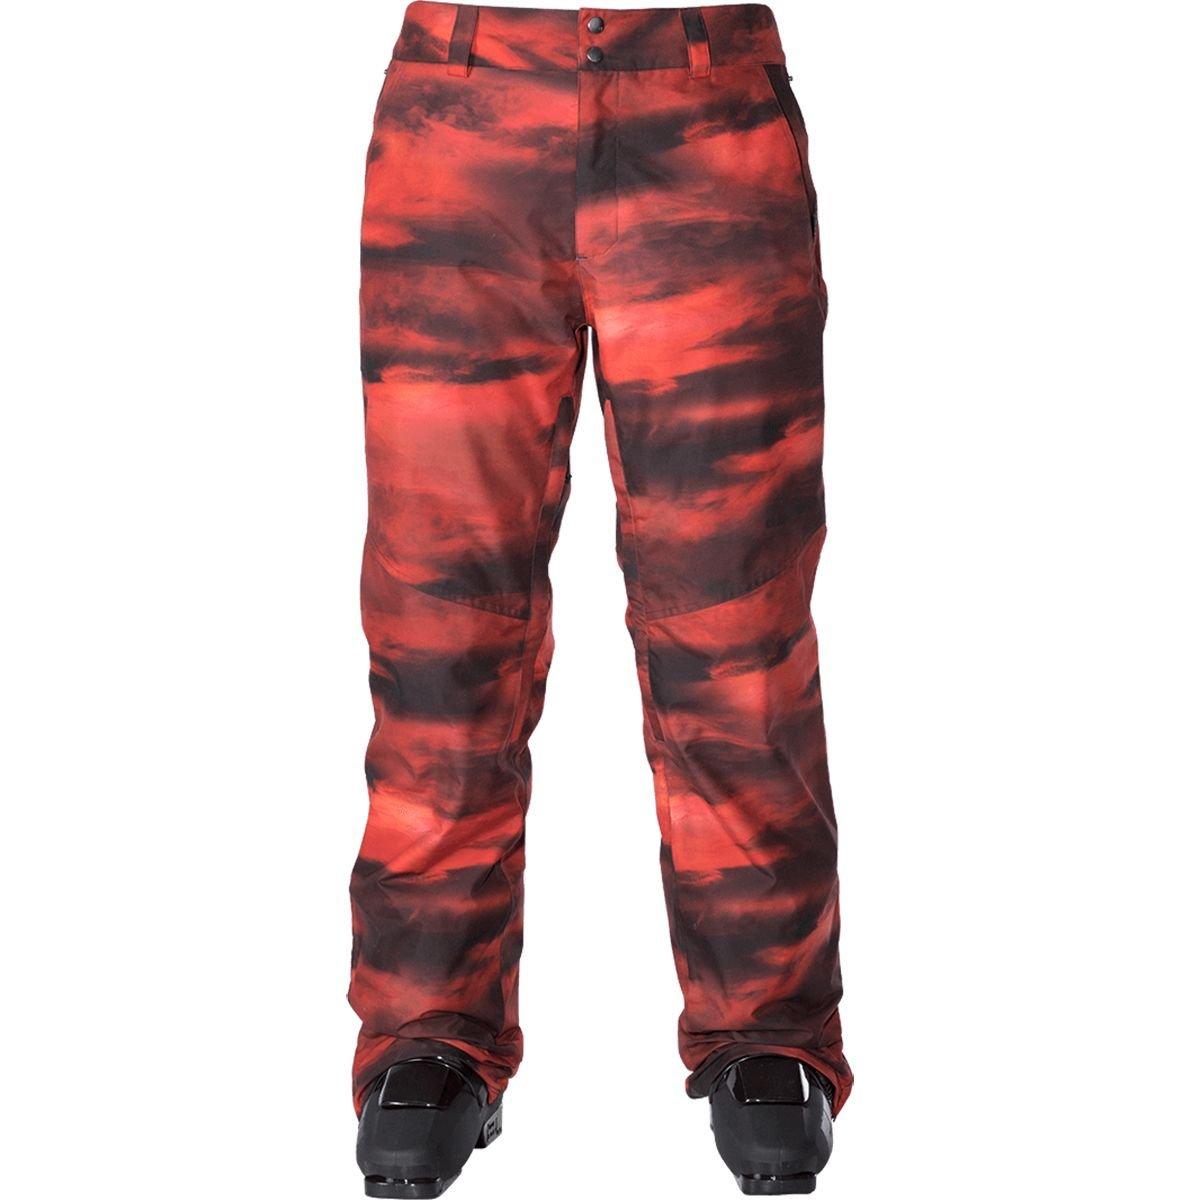 Armada Gateway Pant - Men's Red Resin, L